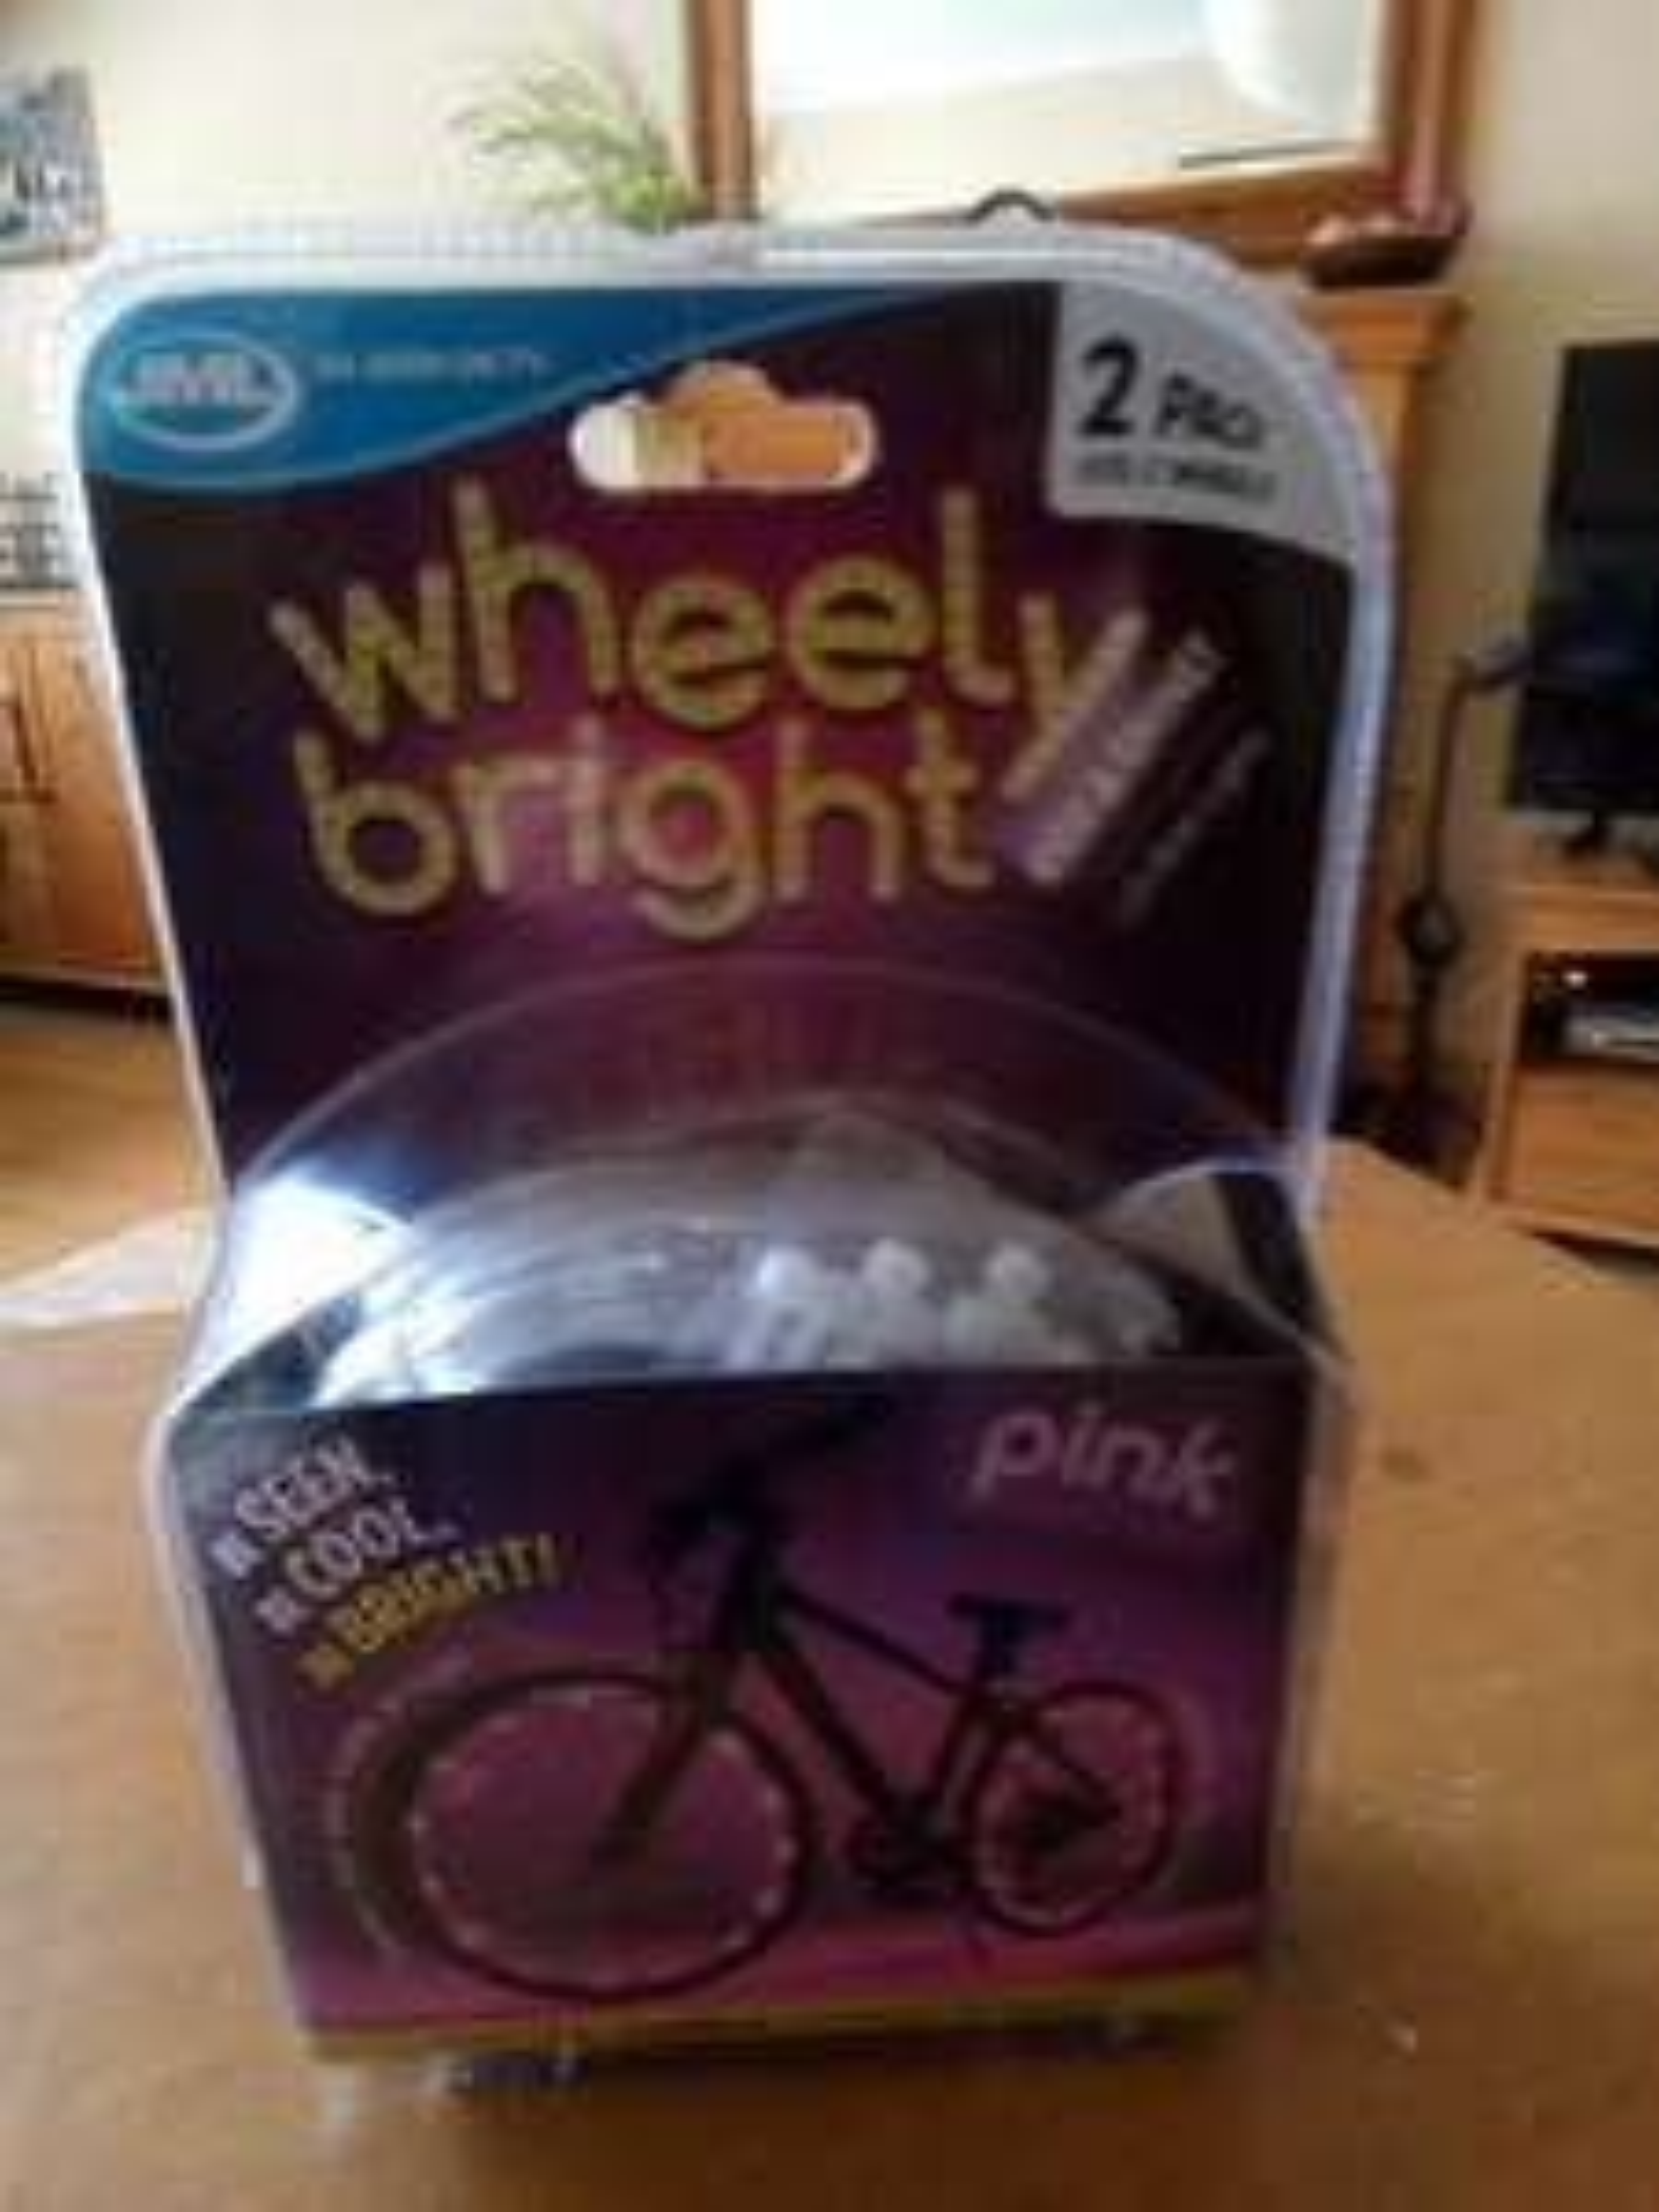 Jml Wheely Brights tyre lights..Wilko instore was £10.00